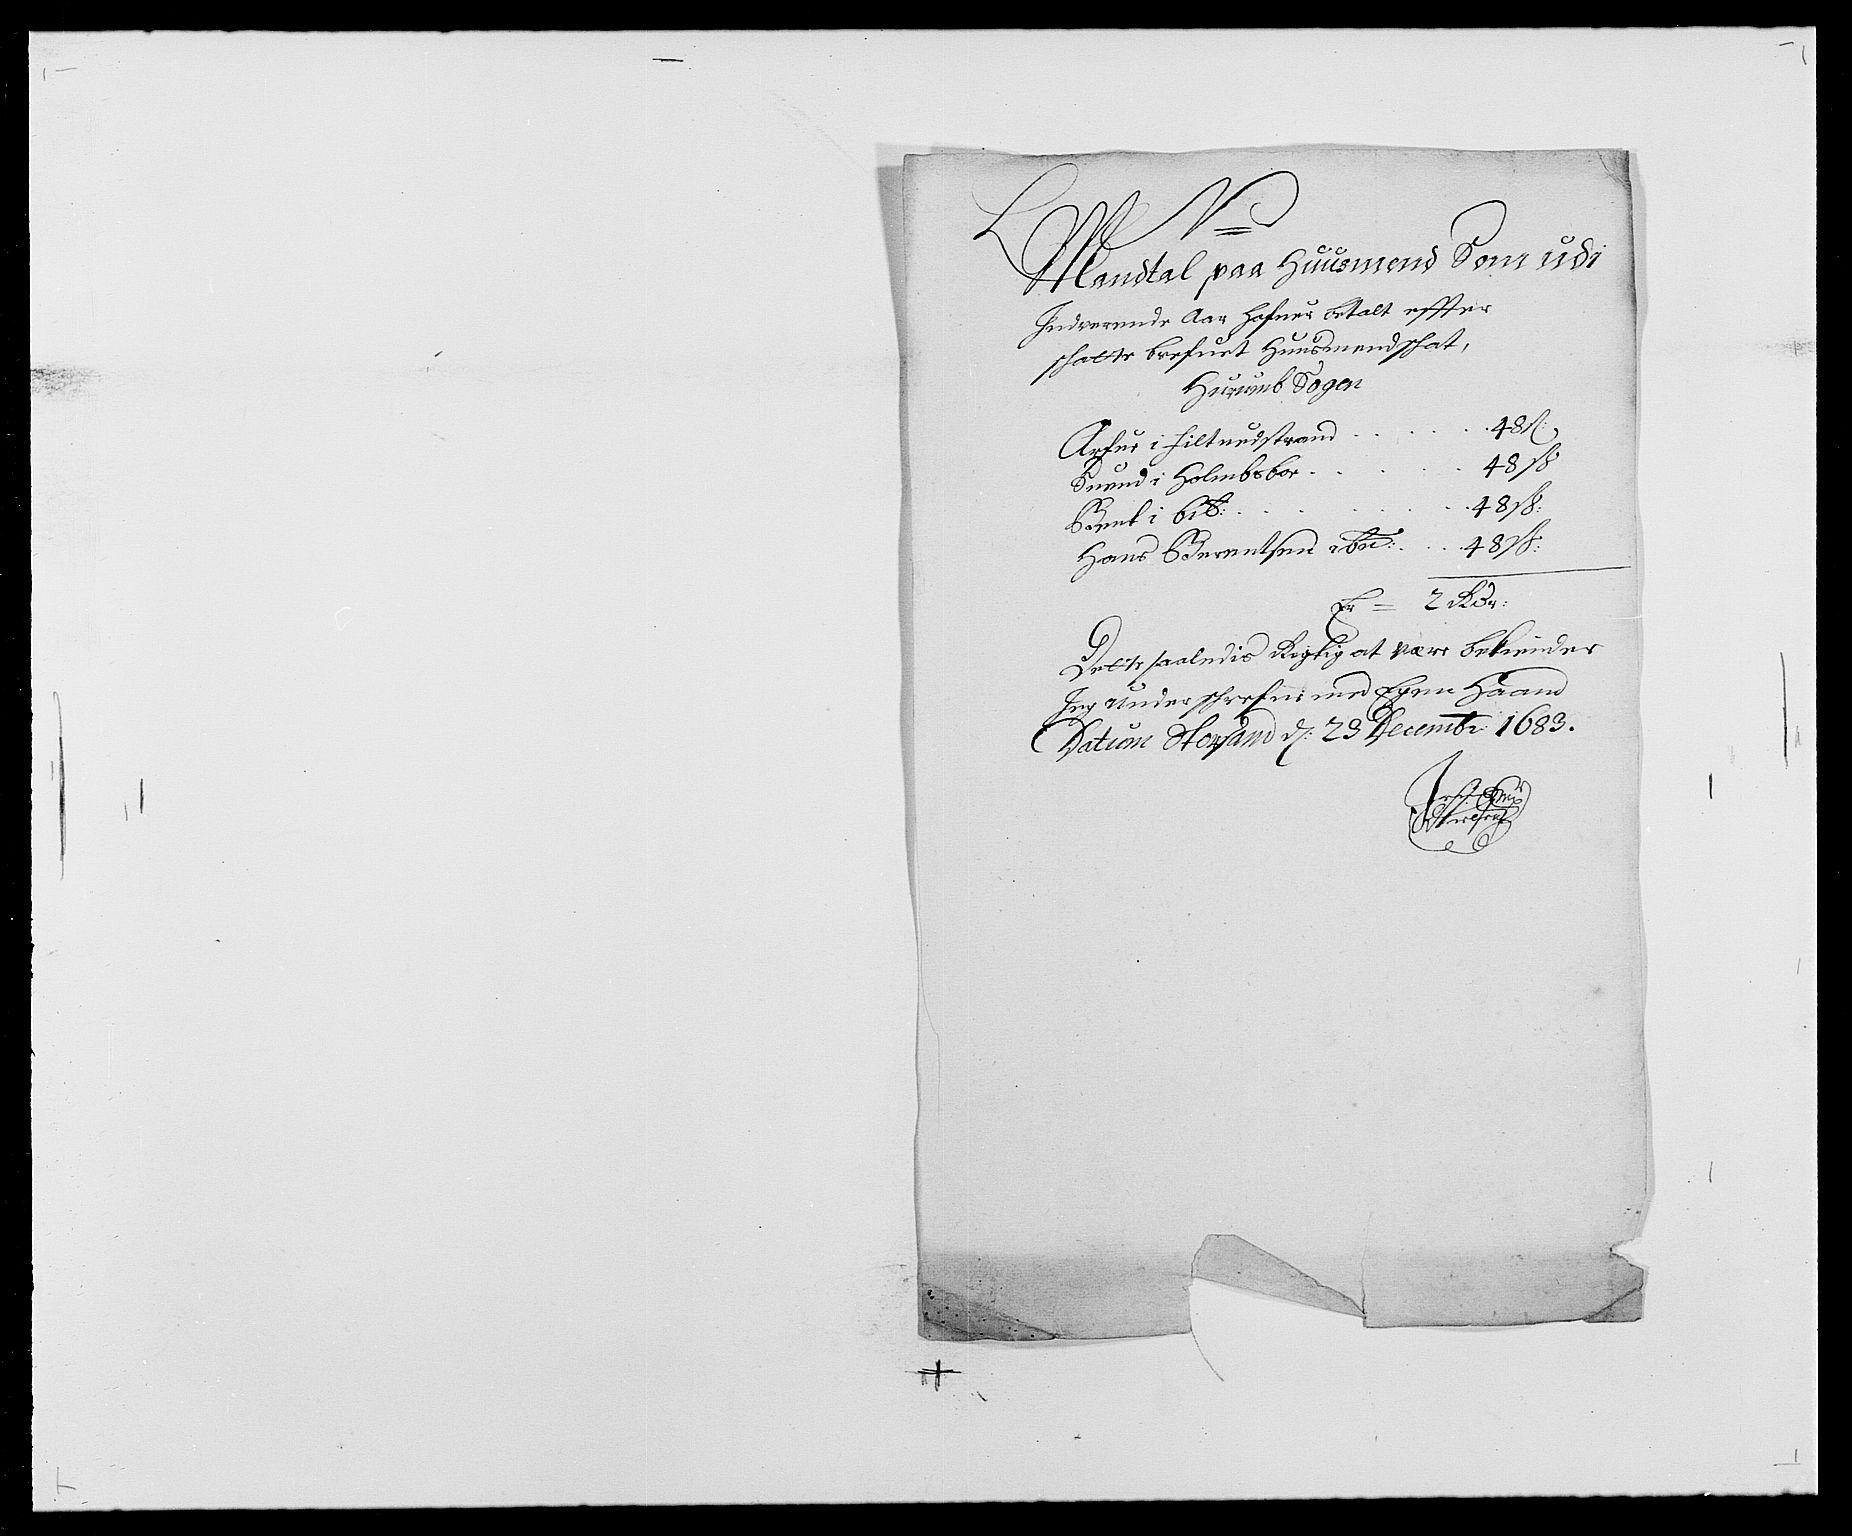 RA, Rentekammeret inntil 1814, Reviderte regnskaper, Fogderegnskap, R29/L1692: Fogderegnskap Hurum og Røyken, 1682-1687, s. 156